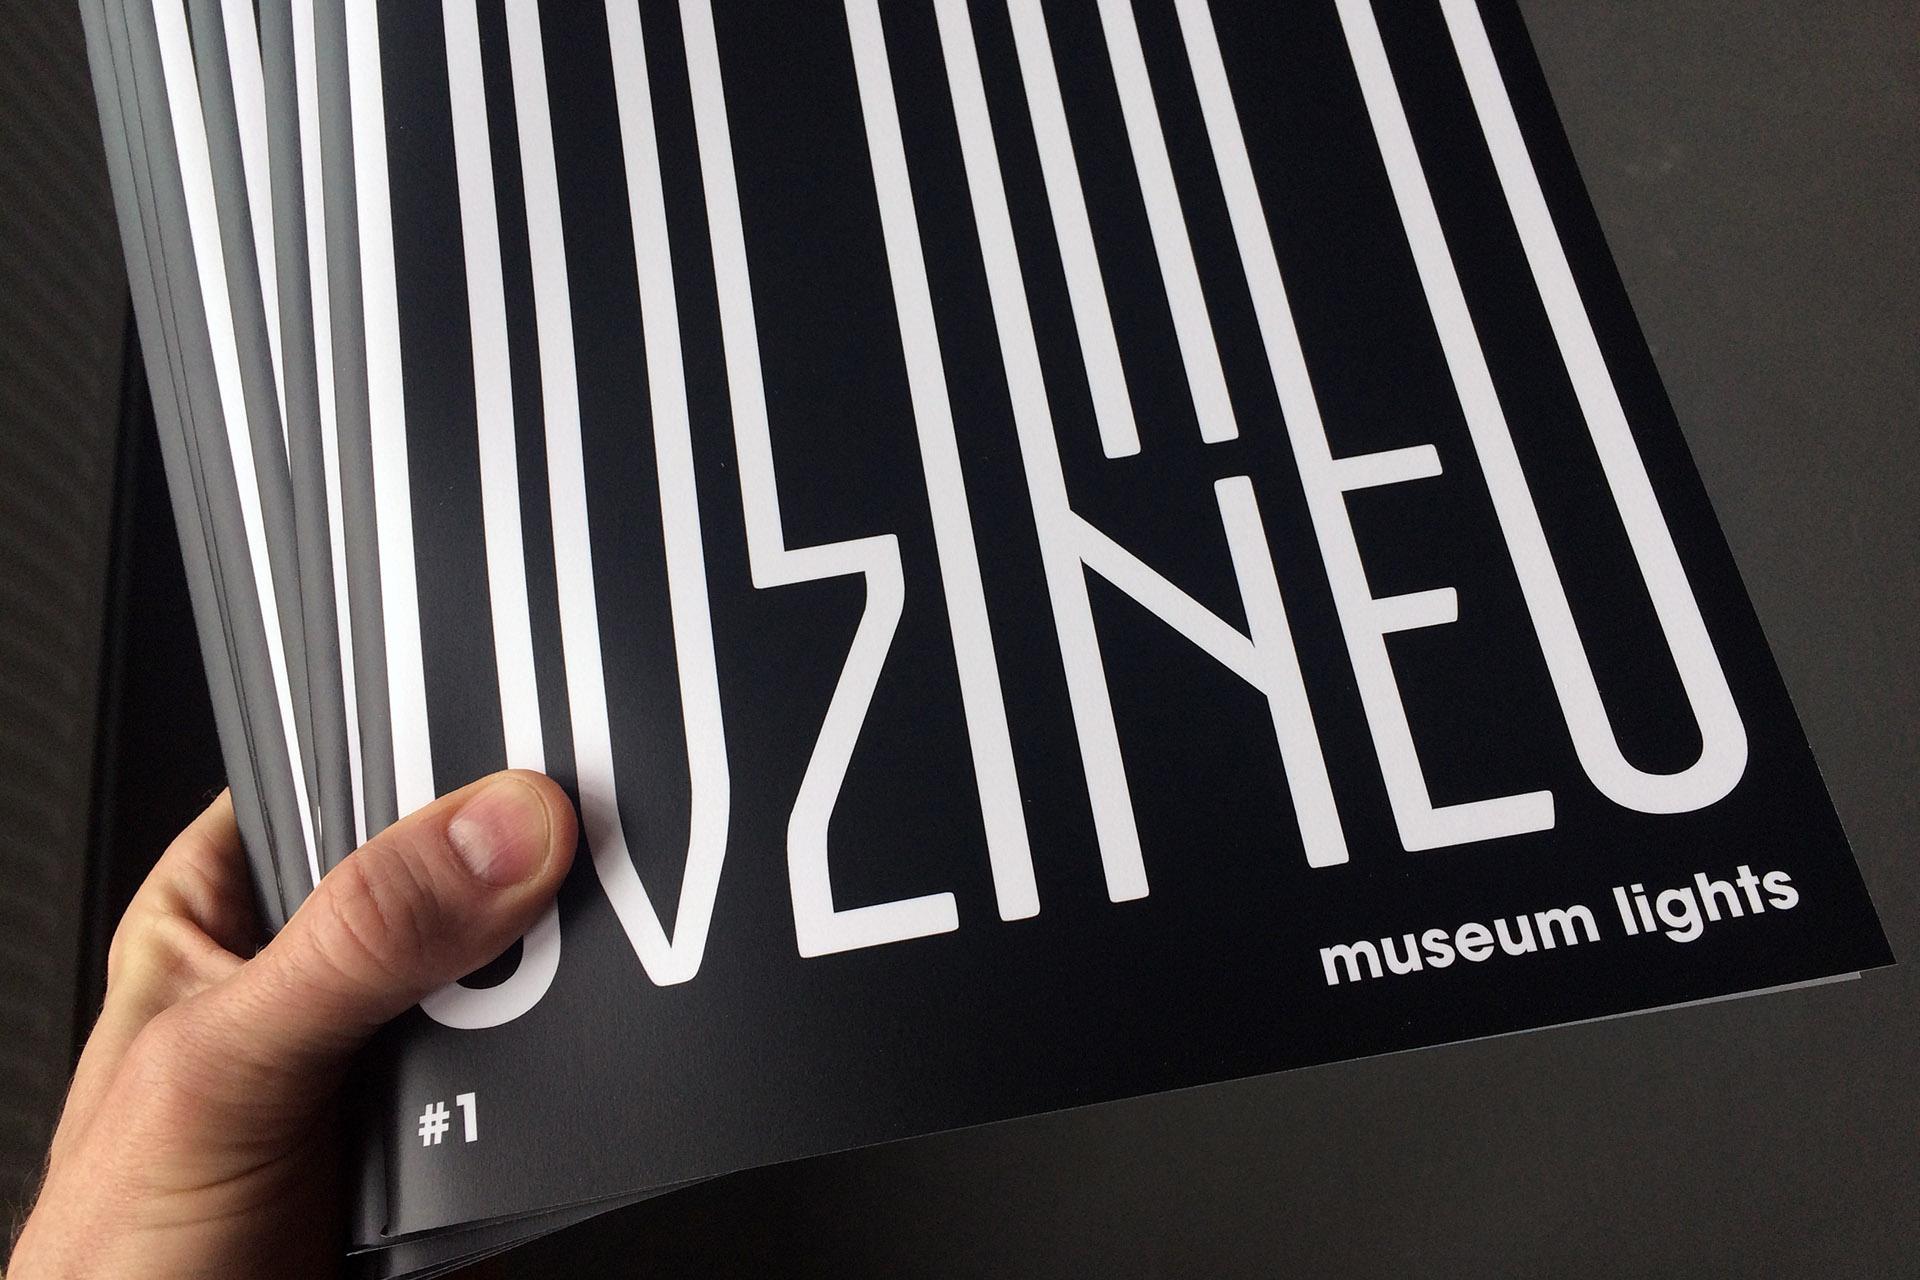 sverres-zine-museum-lights-hand-berlin-1.jpg